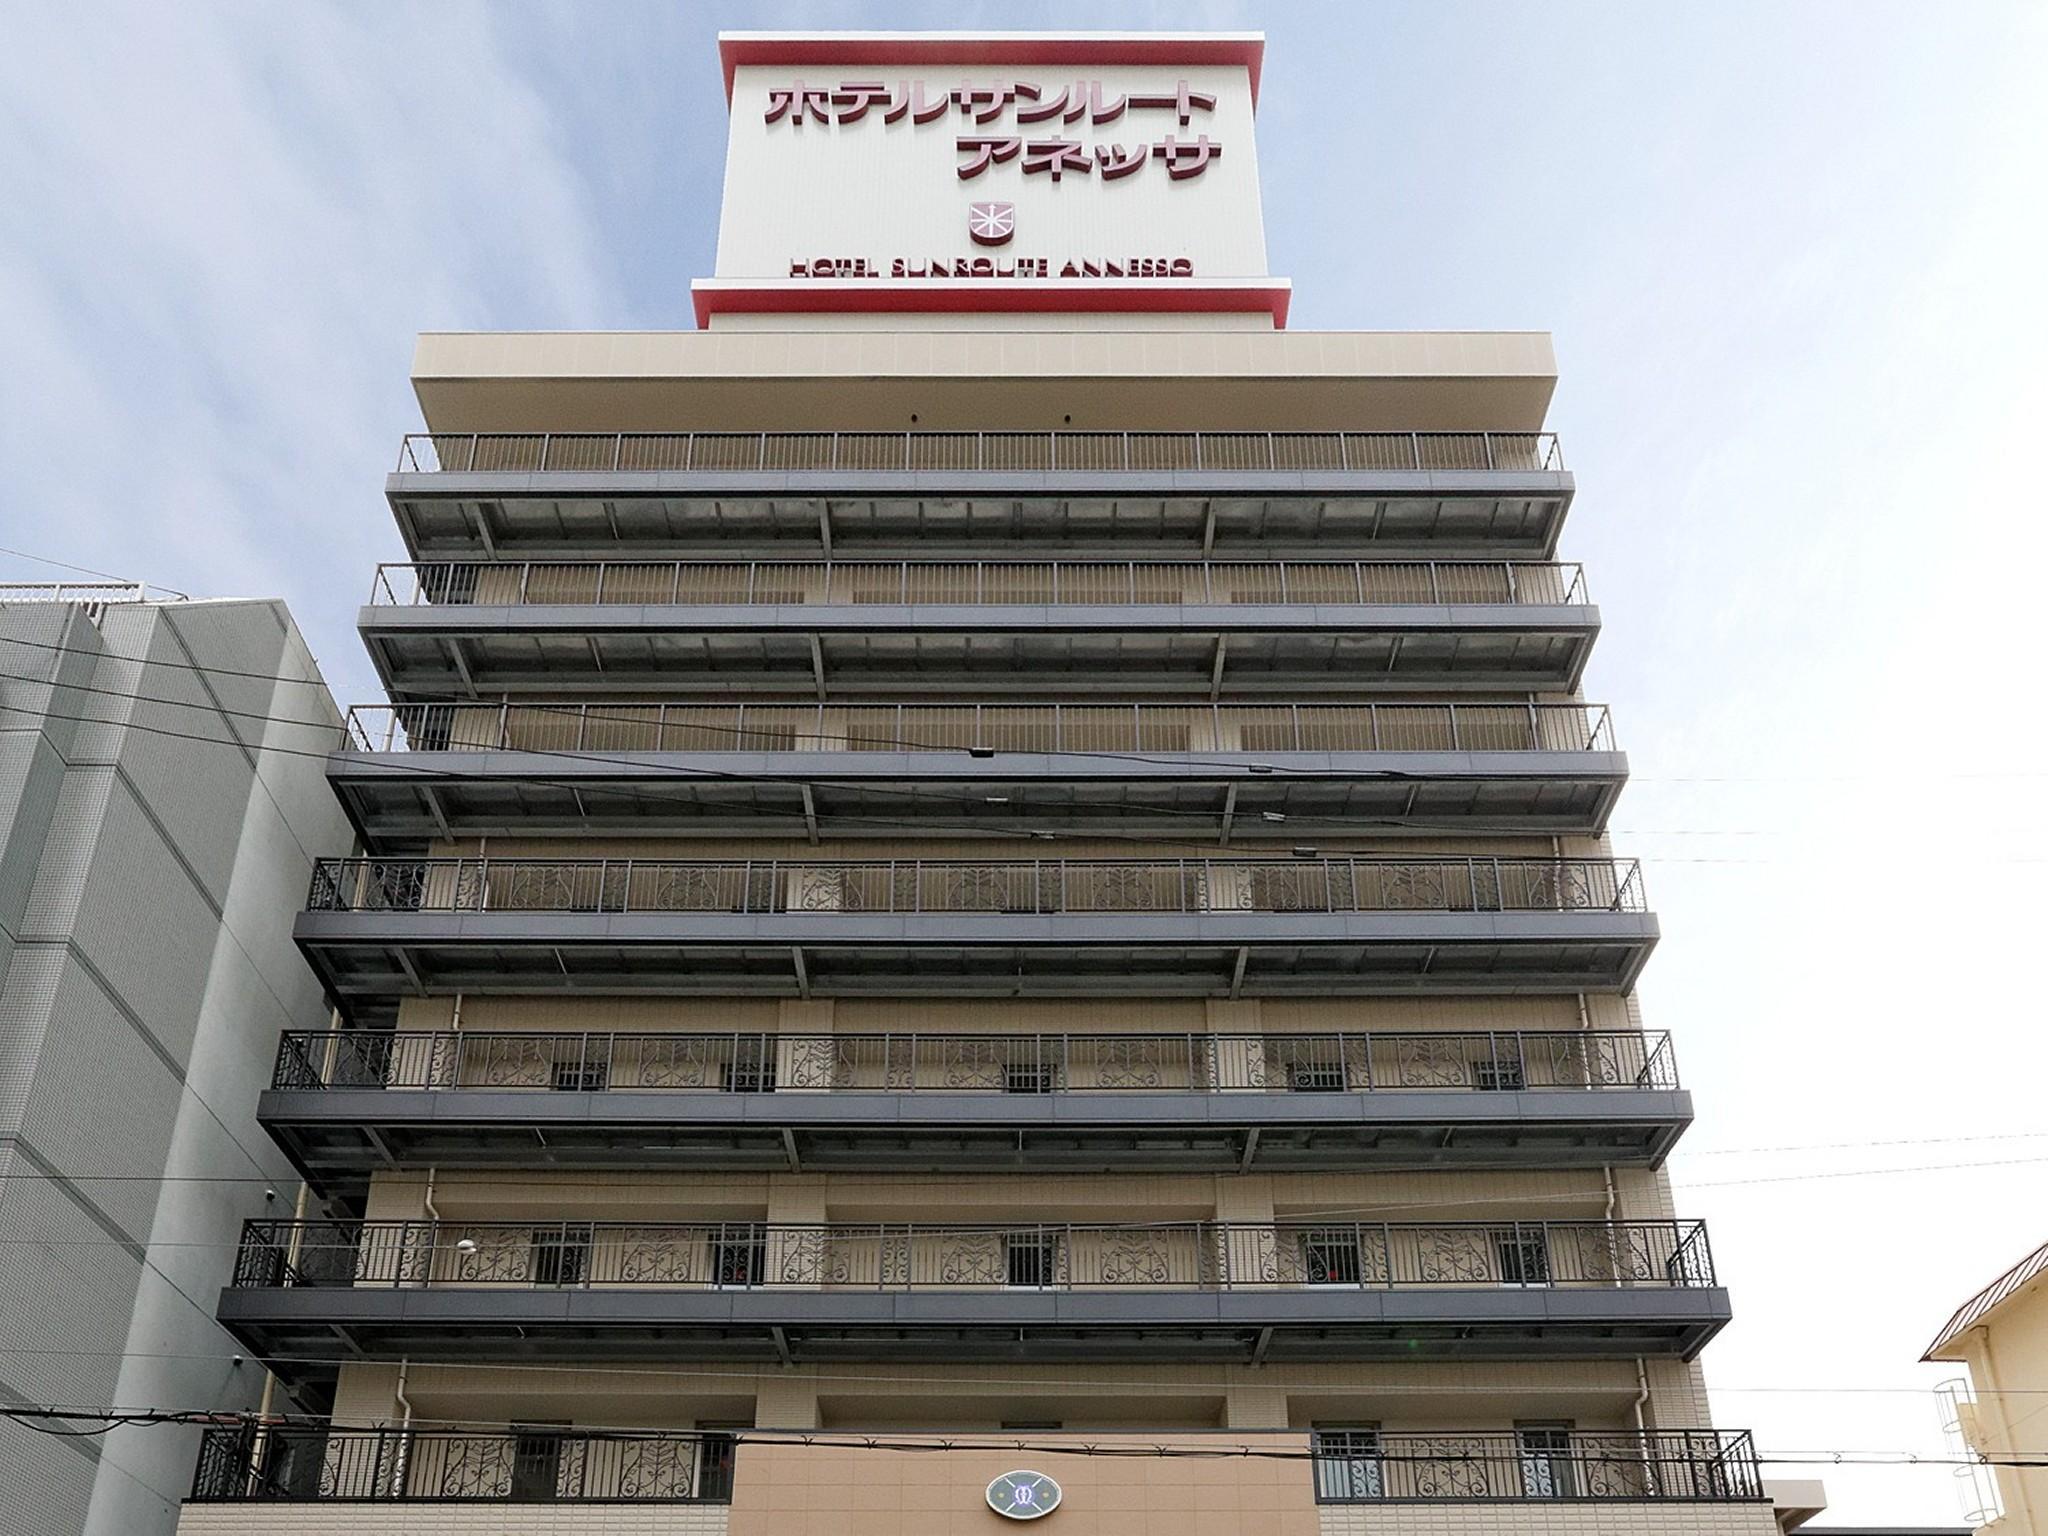 โรงแรมซันรูท โซปรา โกเบ แอนเนสโซะ